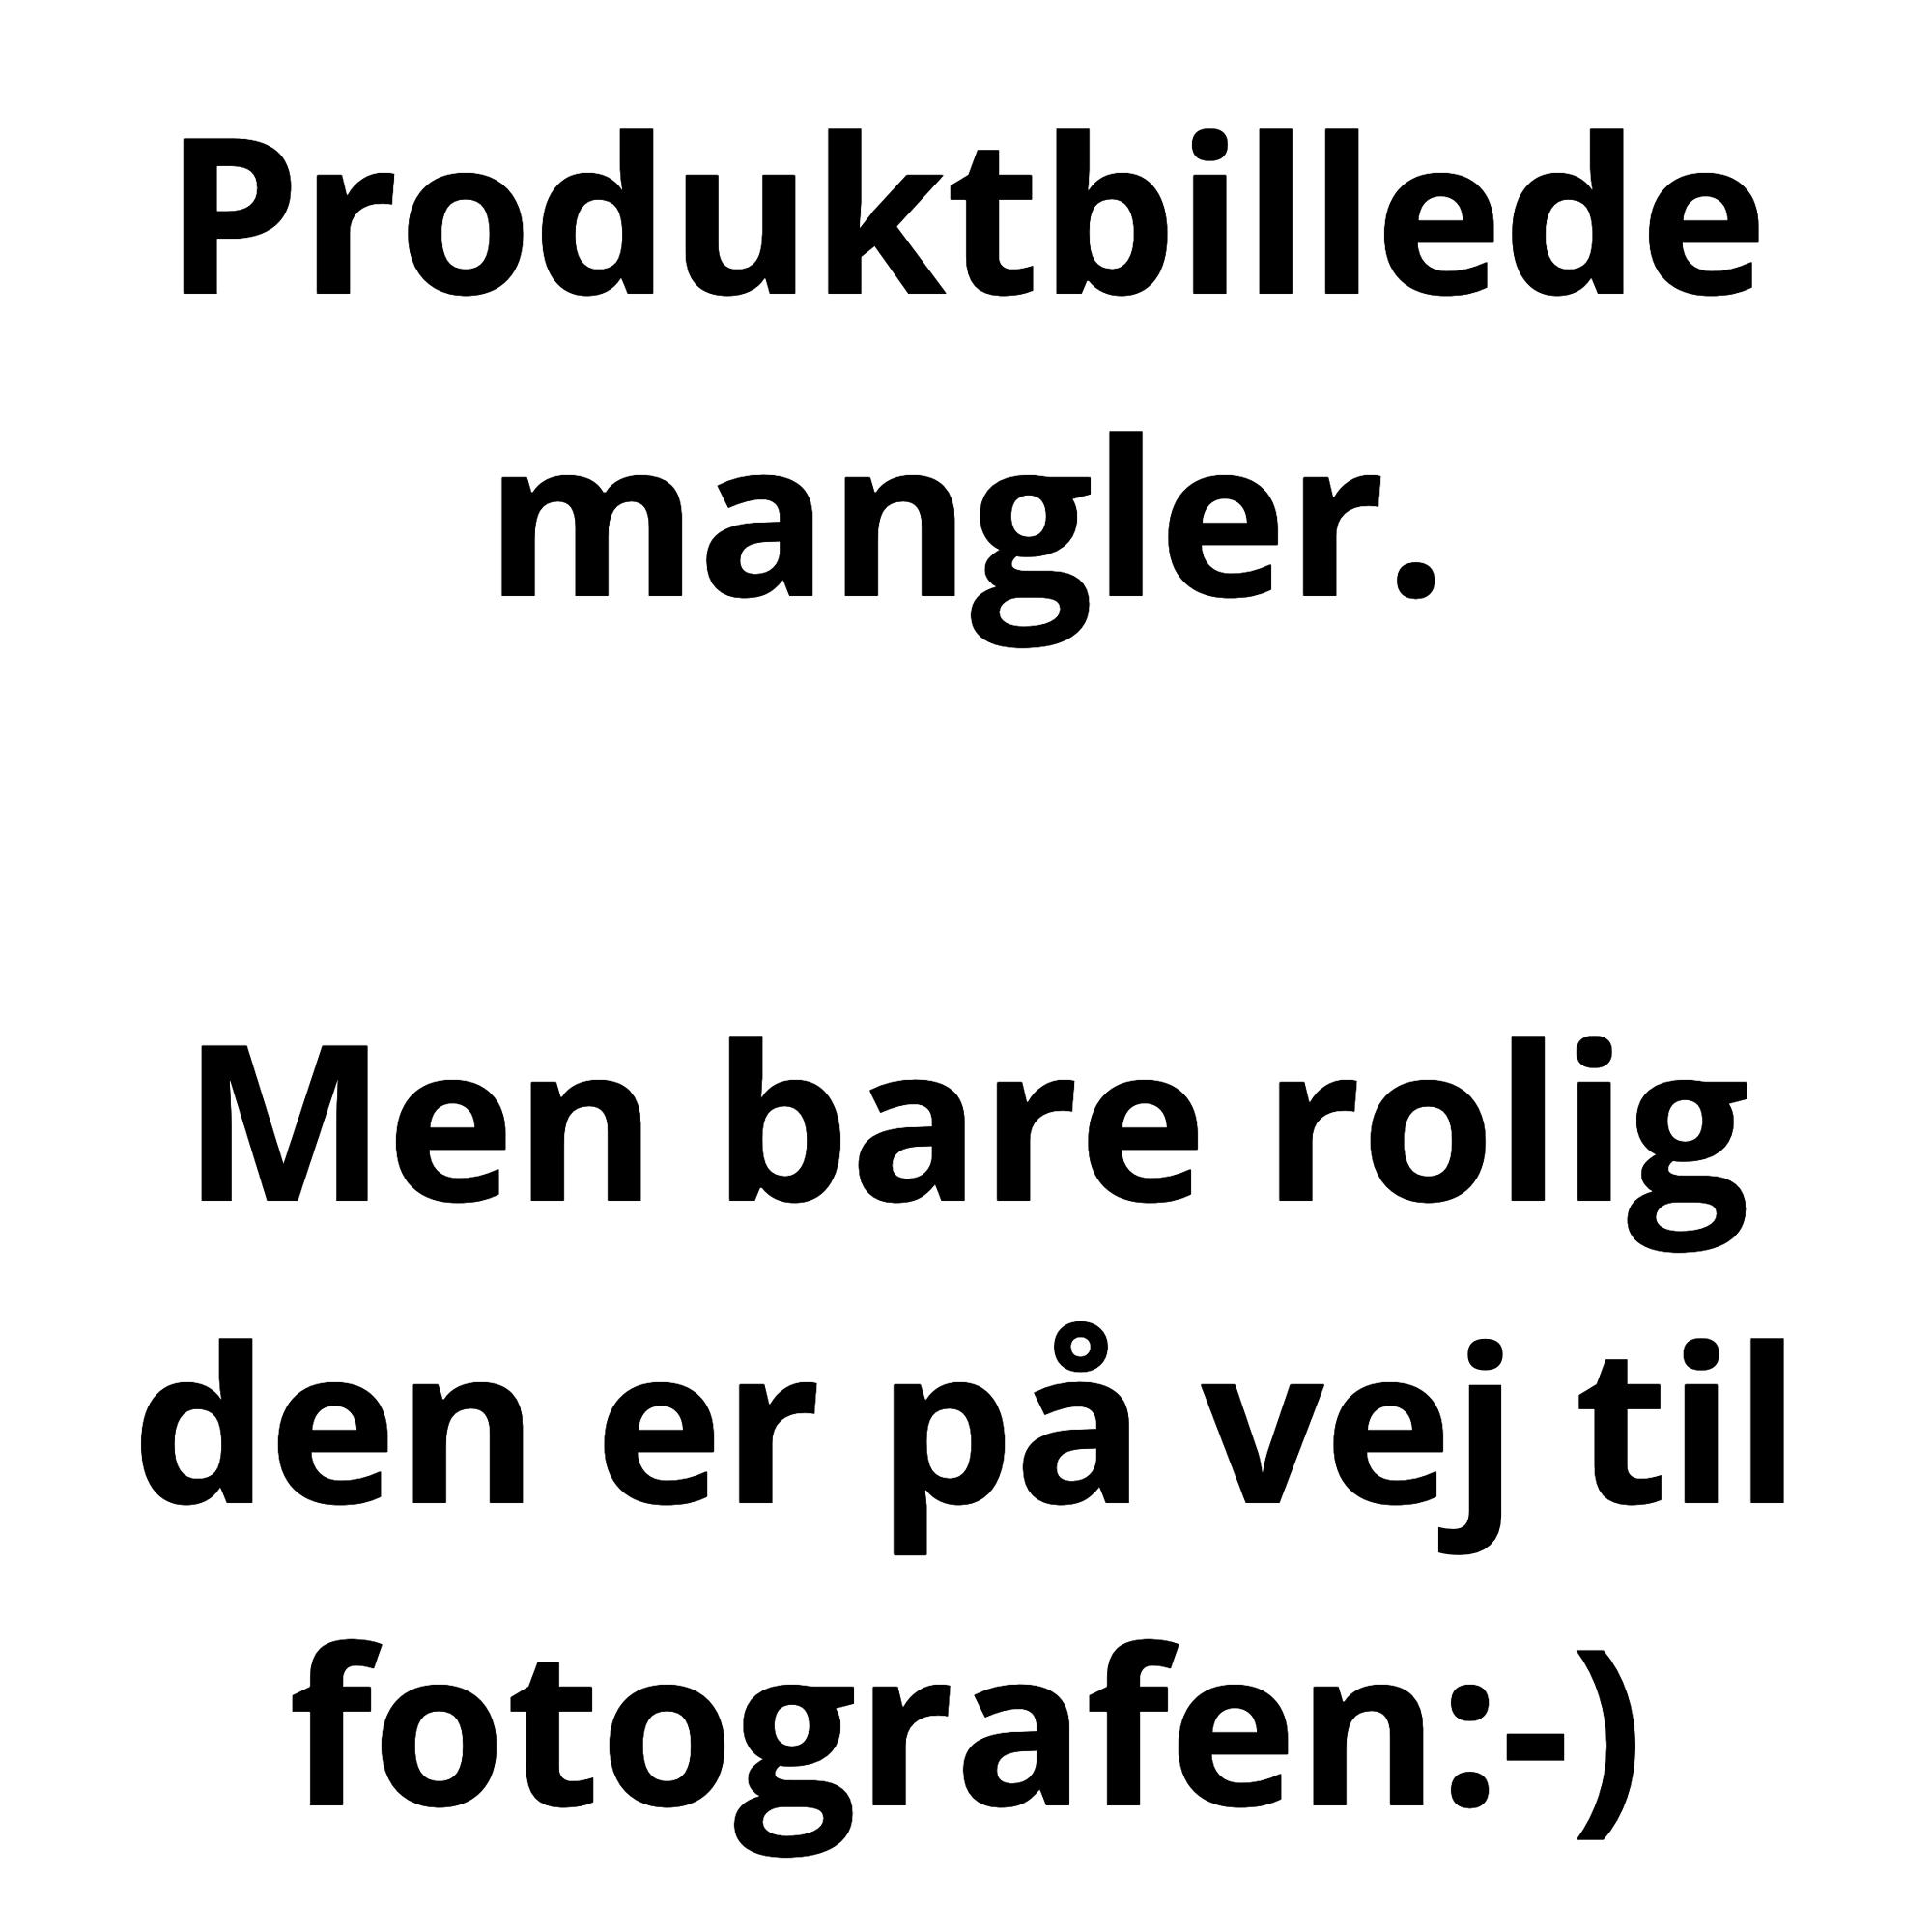 Brodit Passiv mobilholder m. kabeltilslutning ligthning til 30 pin adapter til Apple iPhone 5/5S/5C m. el. u. beskyttelsescover - 514434